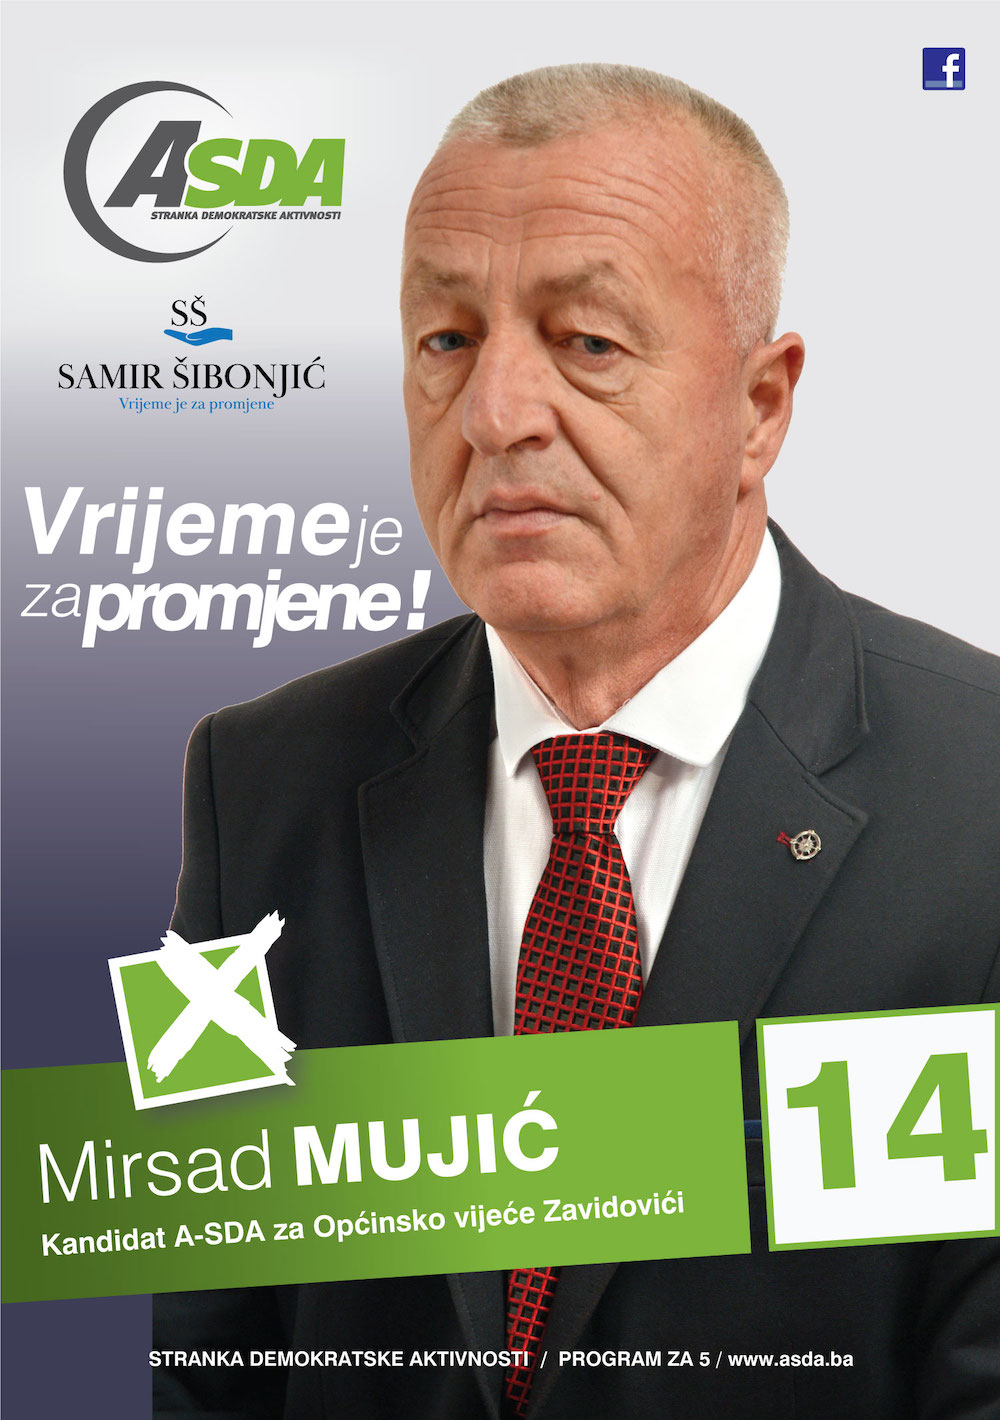 Mirsad Mujić